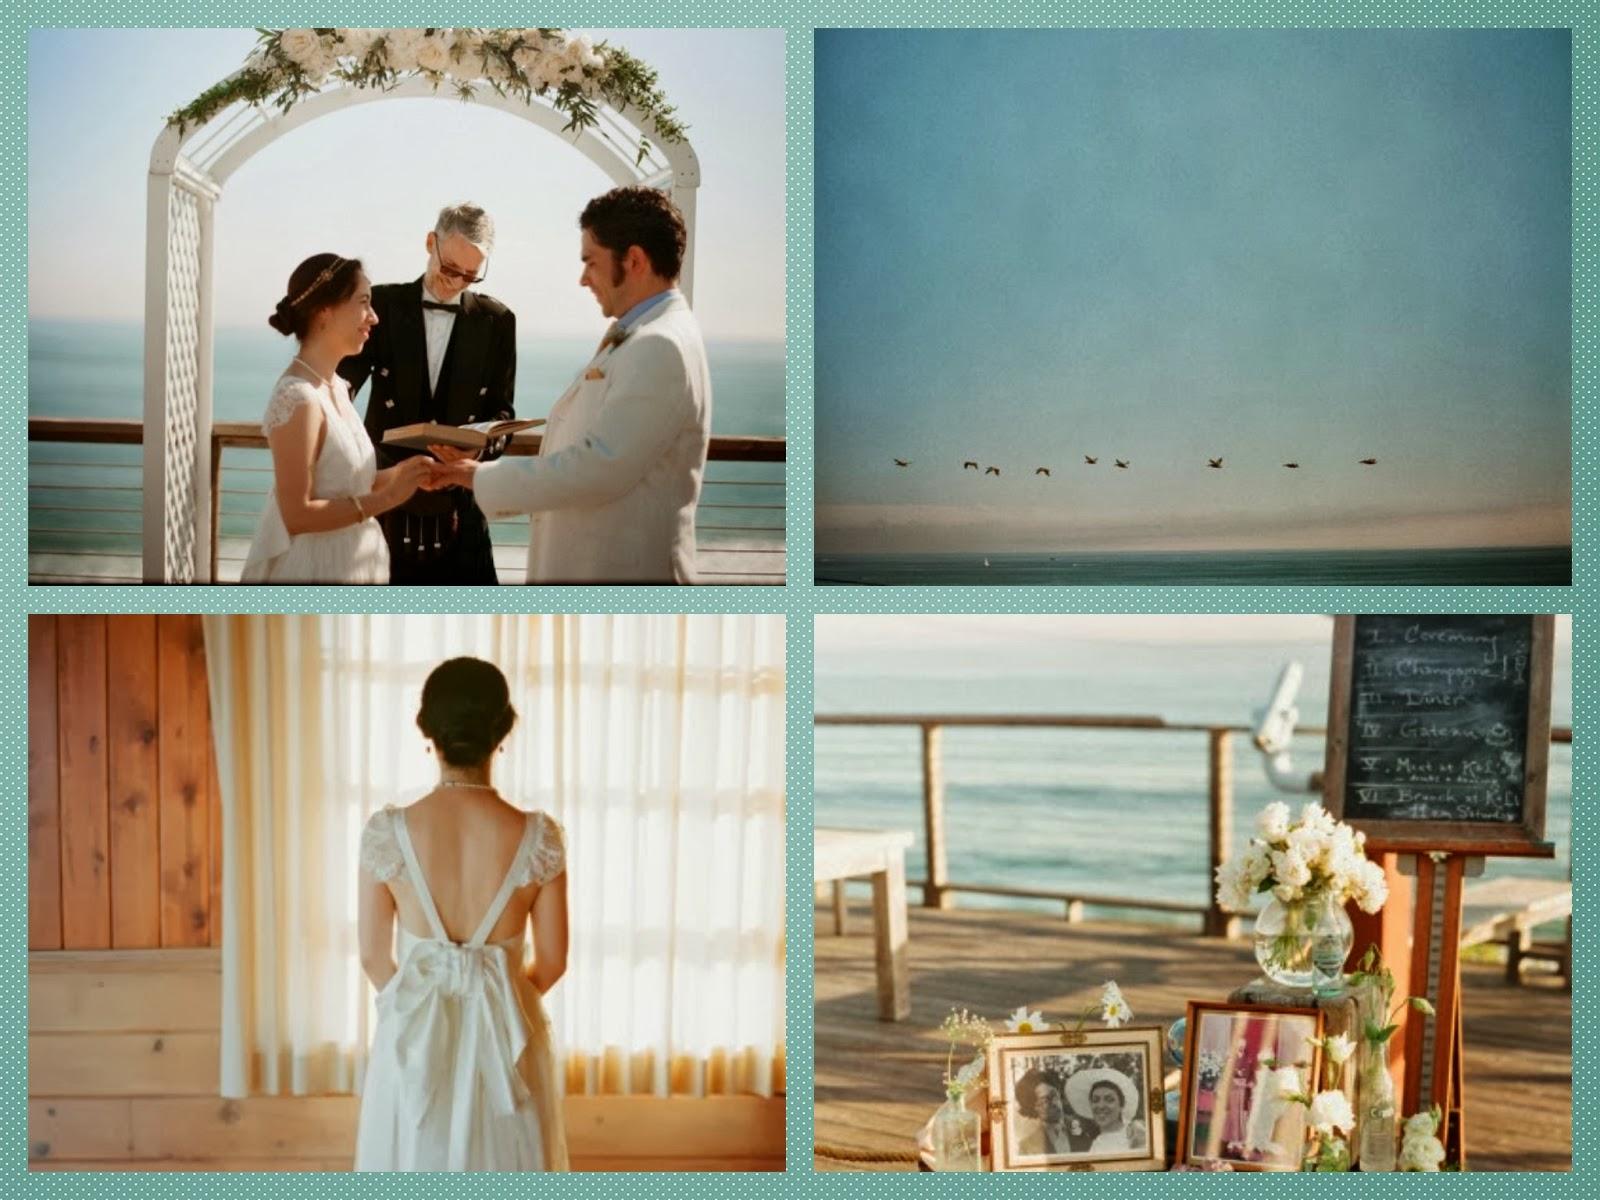 decoracao casamento ar livre:Decoração de casamento ao ar livre – Dekoratie – Blog de Decoração